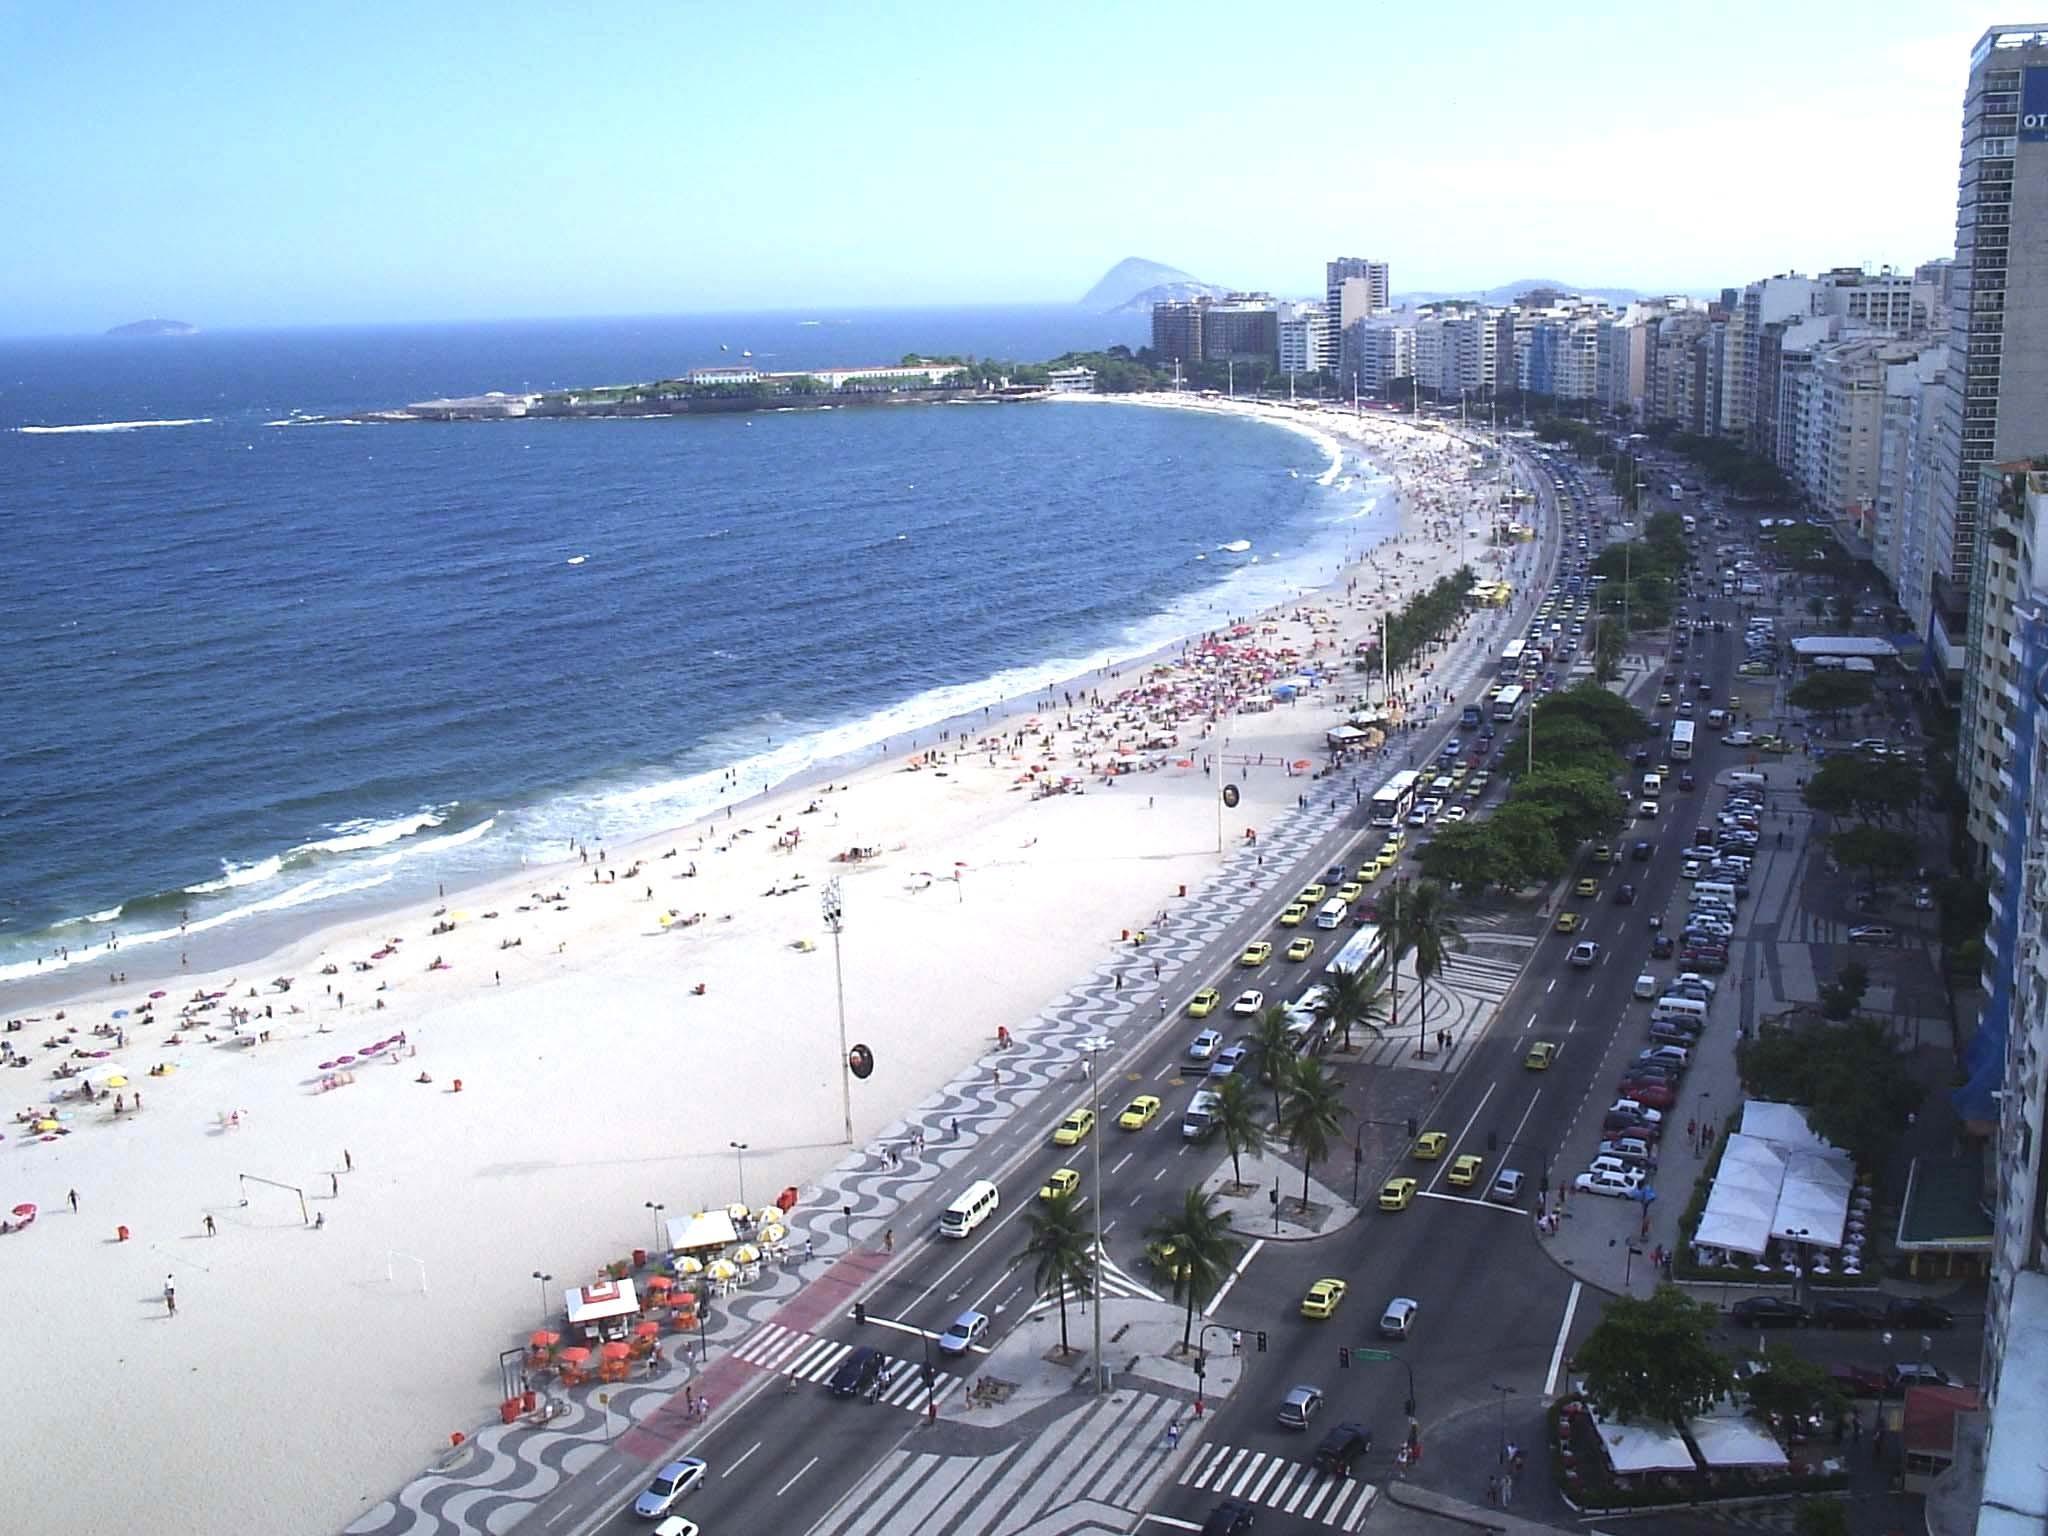 12882 скачать обои Пейзаж, Города, Дороги, Море, Пляж - заставки и картинки бесплатно